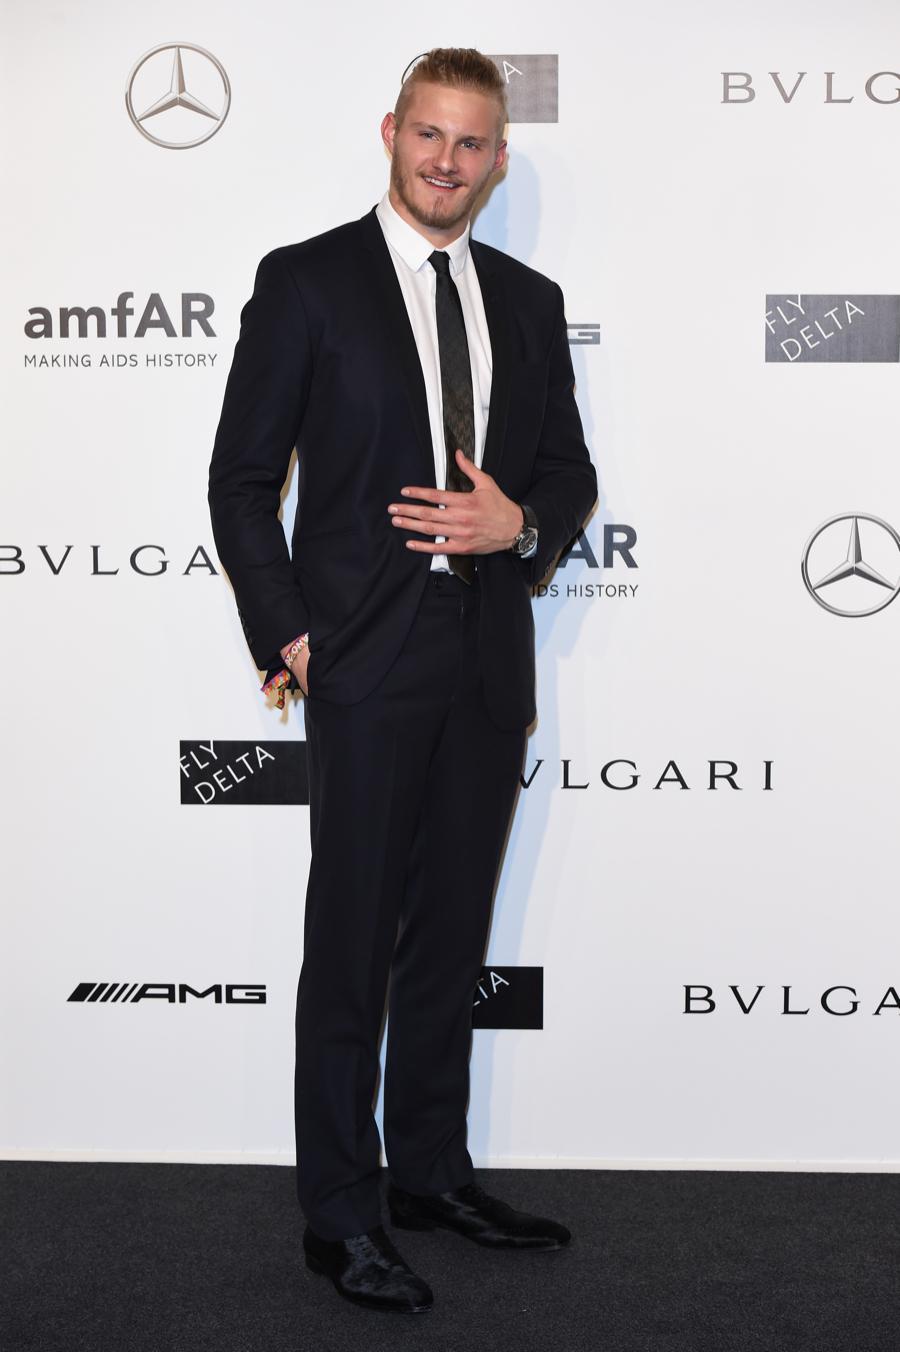 Alexander Ludwig Wears Bulgari to amfAR Milano Gala